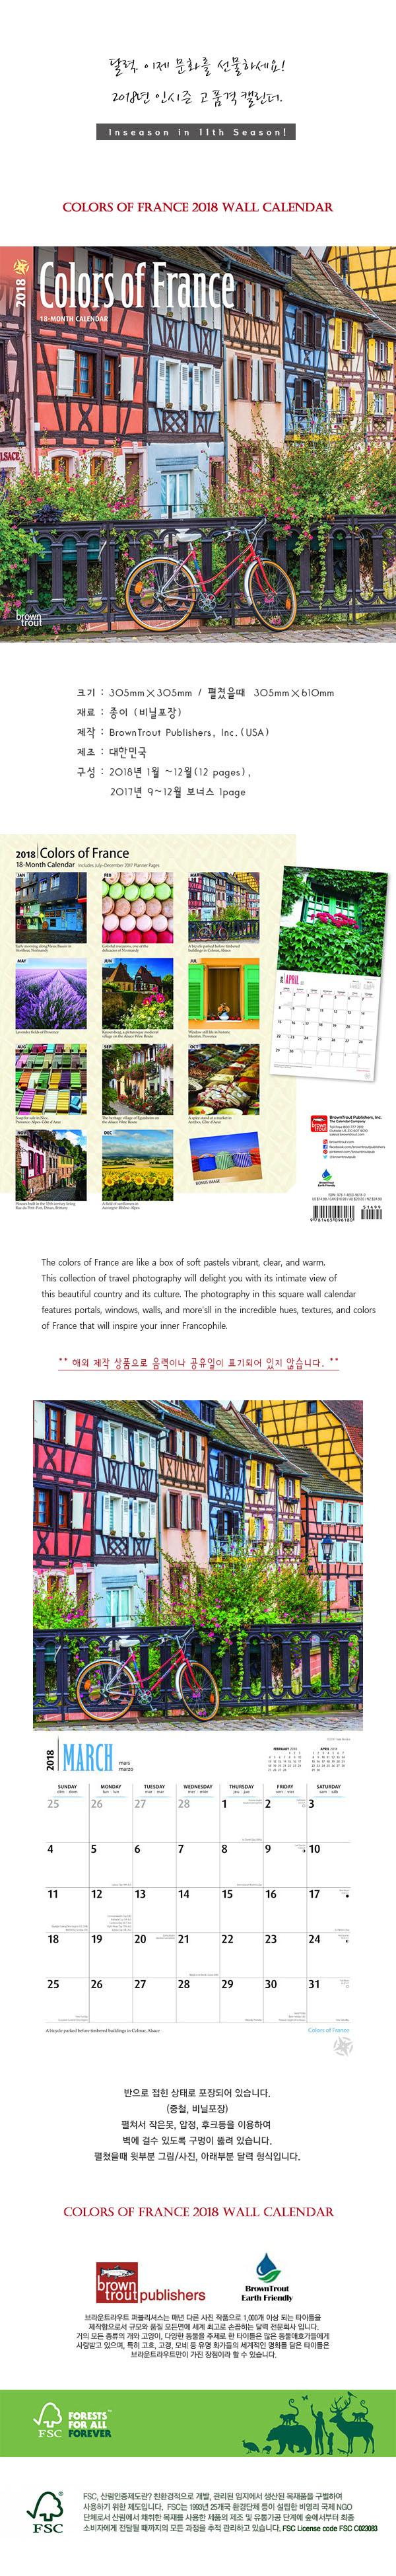 2018 캘린더 프랑스의 색 Colors of France16,000원-브라운트라우트디자인문구, 다이어리/캘린더, 캘린더, 벽걸이캘린더날짜형바보사랑2018 캘린더 프랑스의 색 Colors of France16,000원-브라운트라우트디자인문구, 다이어리/캘린더, 캘린더, 벽걸이캘린더날짜형바보사랑